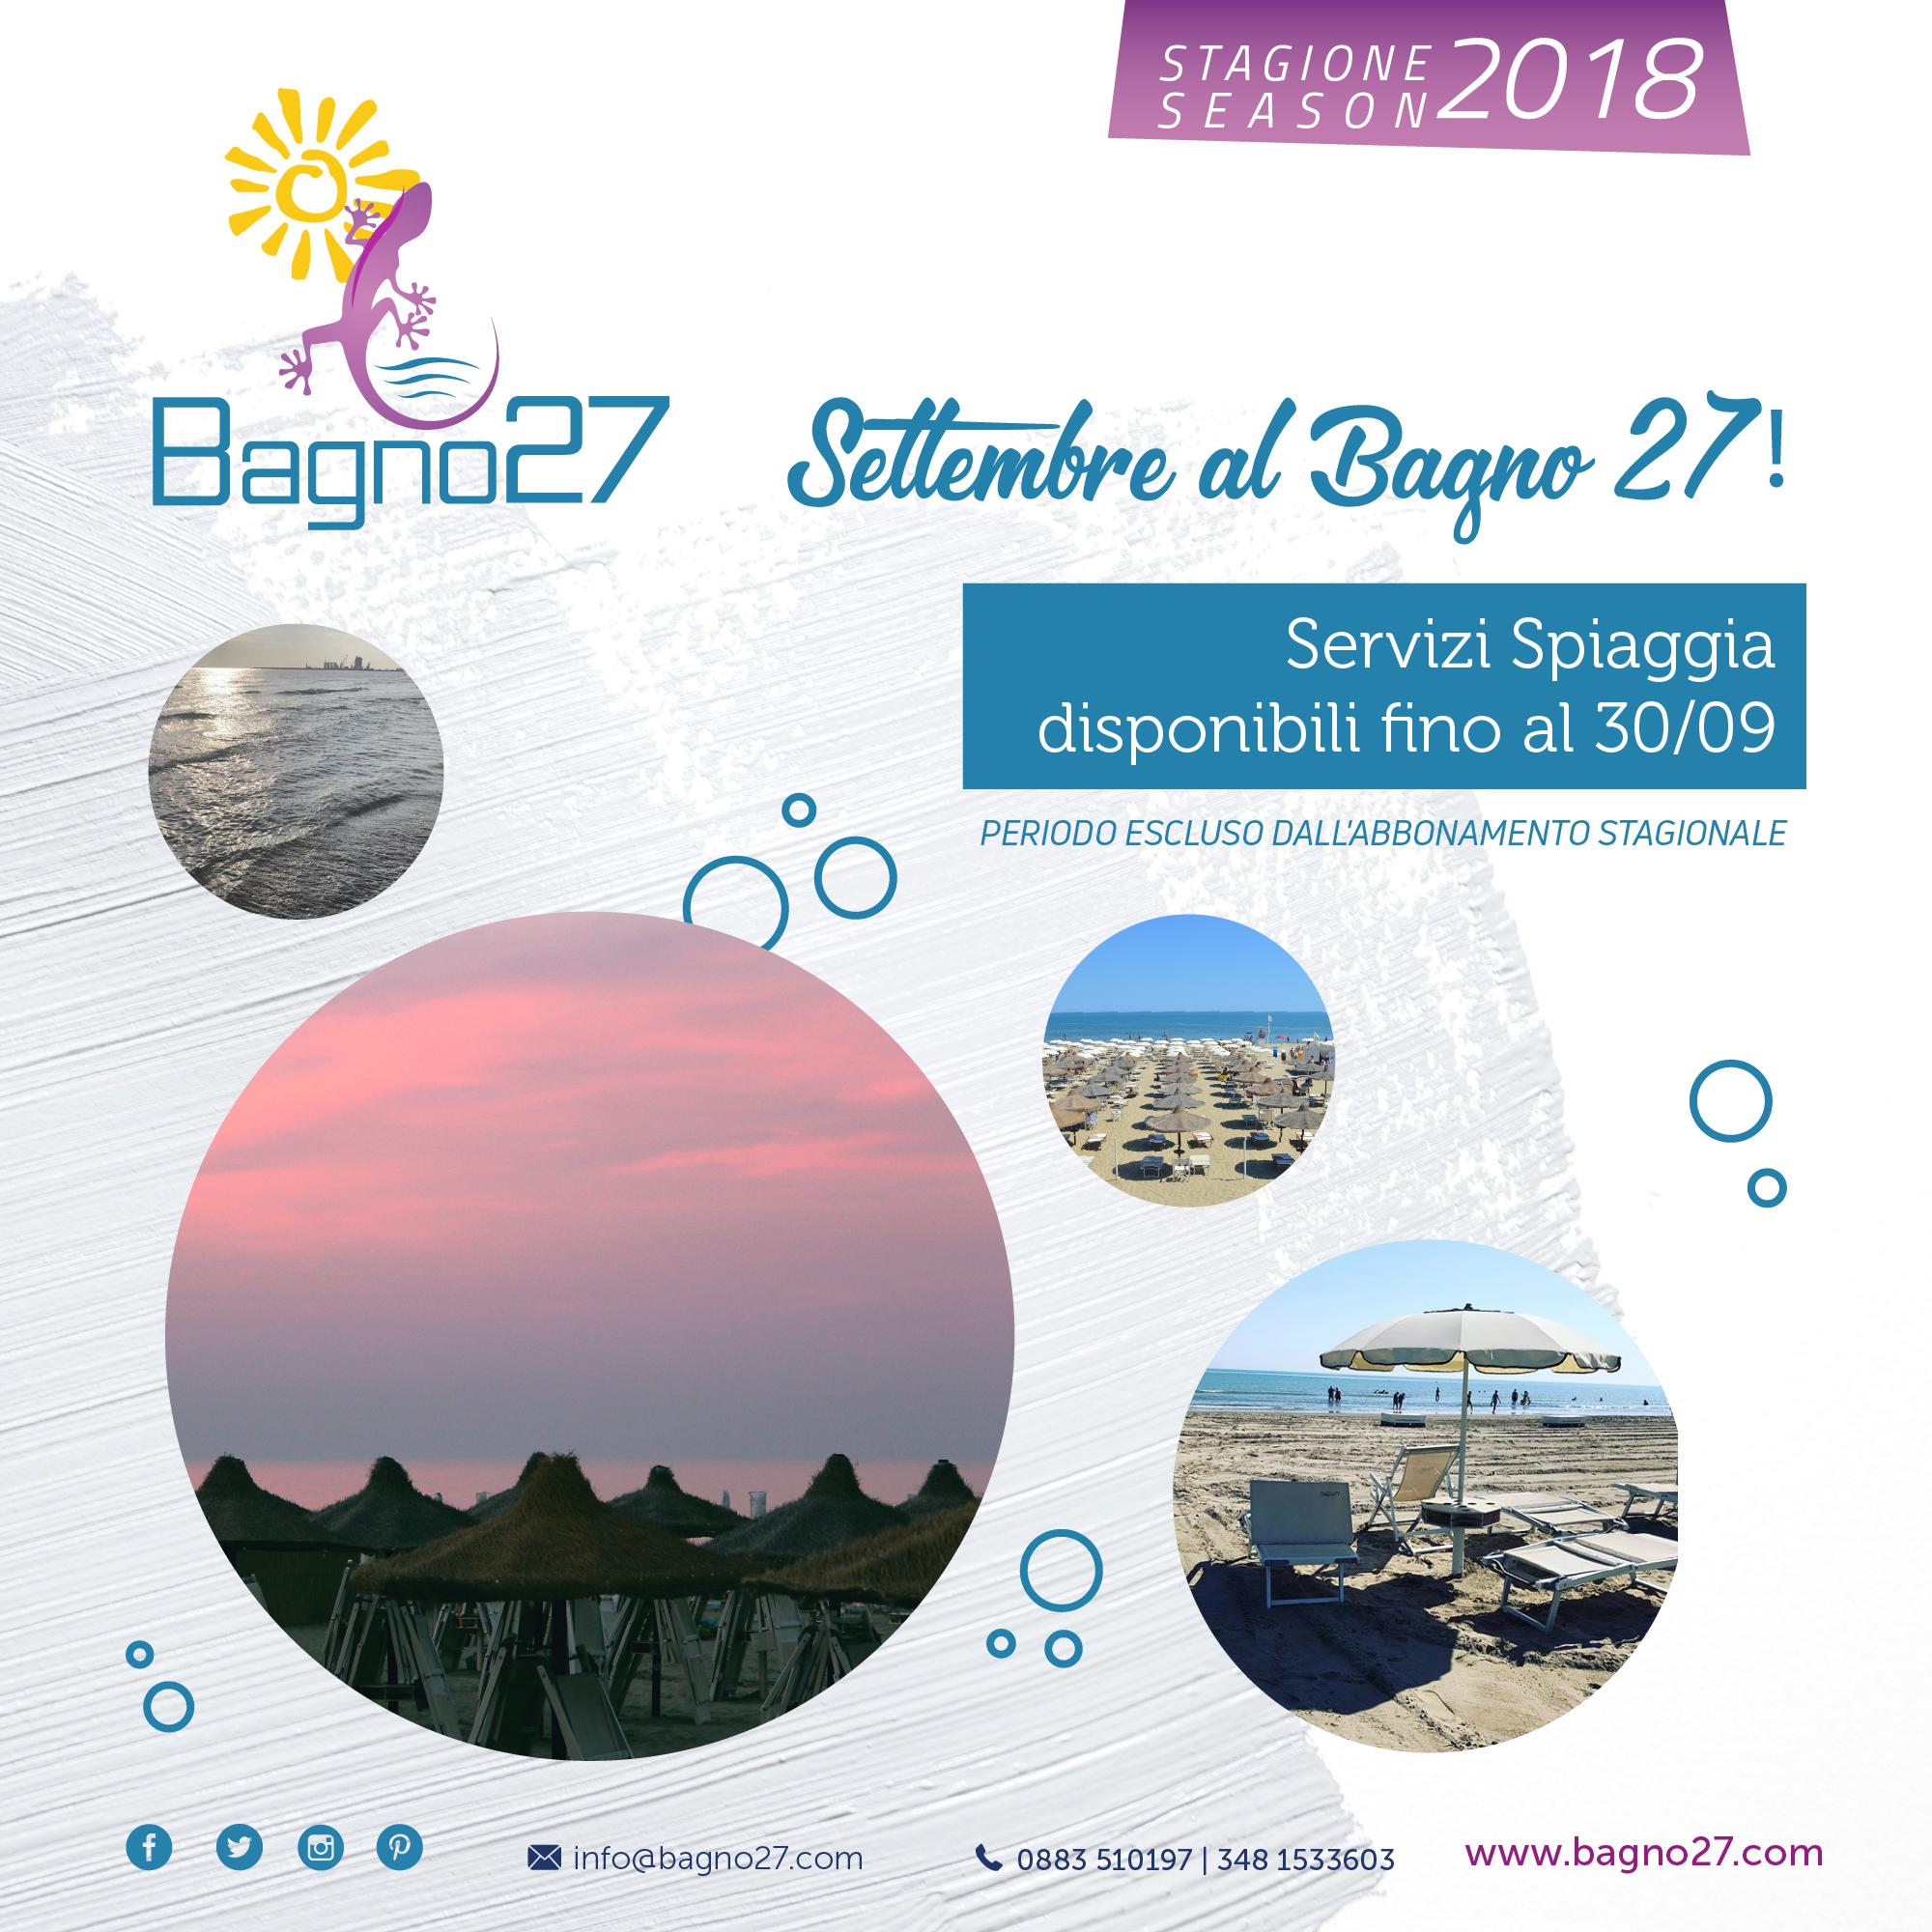 Settembre Al Bagno 27 Bagno 27